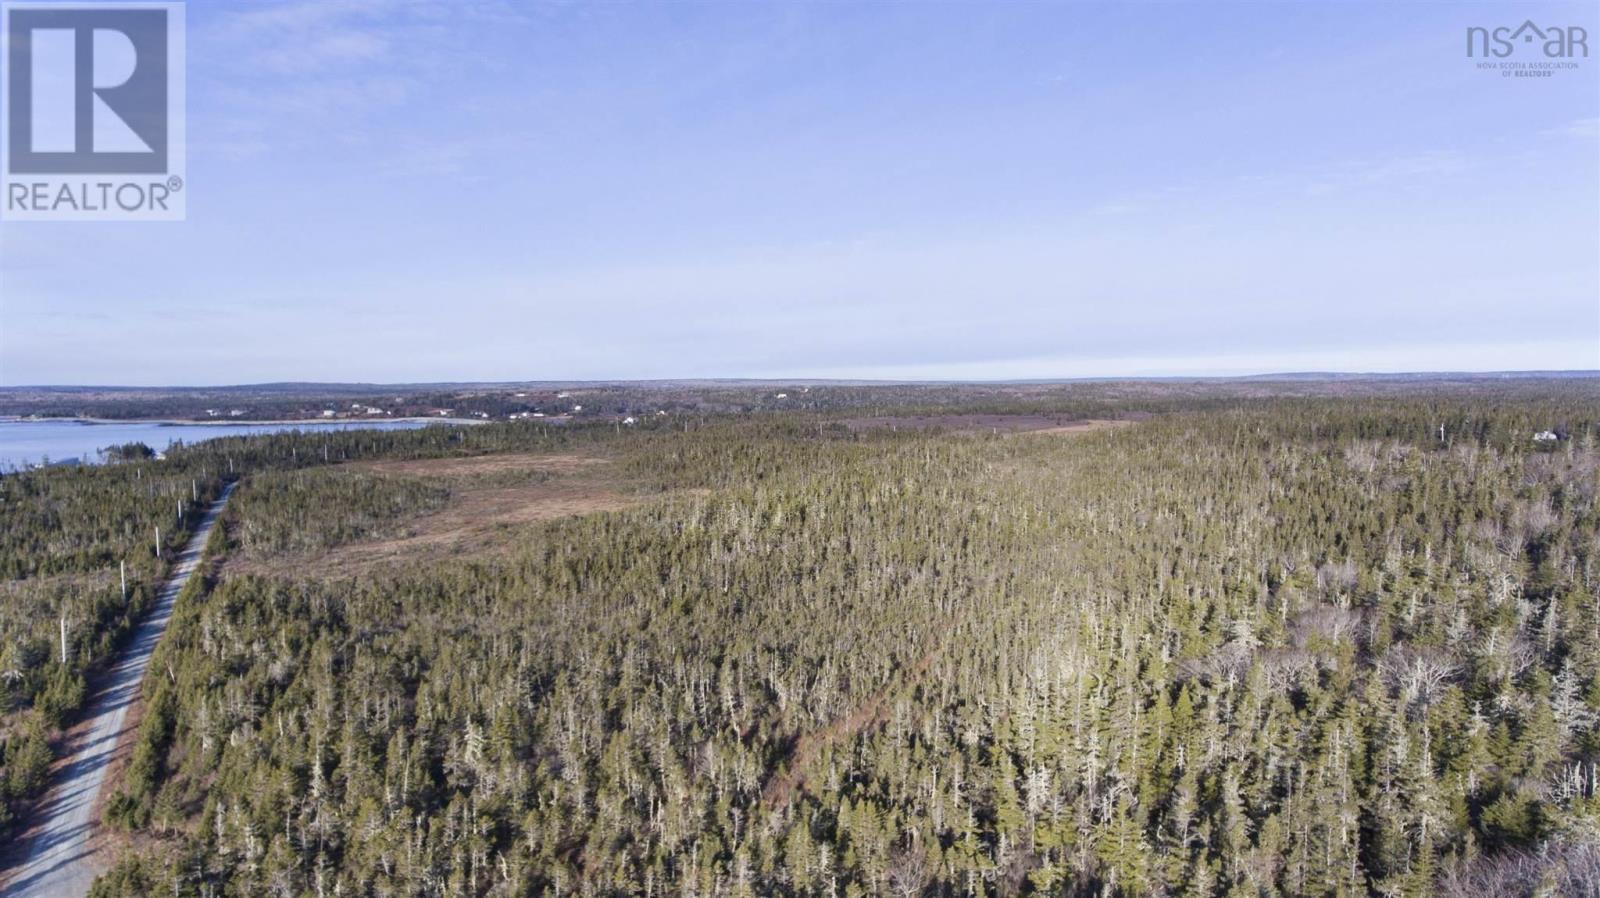 Lot 4-9 Pierce Point Road, Western Head, Nova Scotia  B0T 1G0 - Photo 4 - 202123567